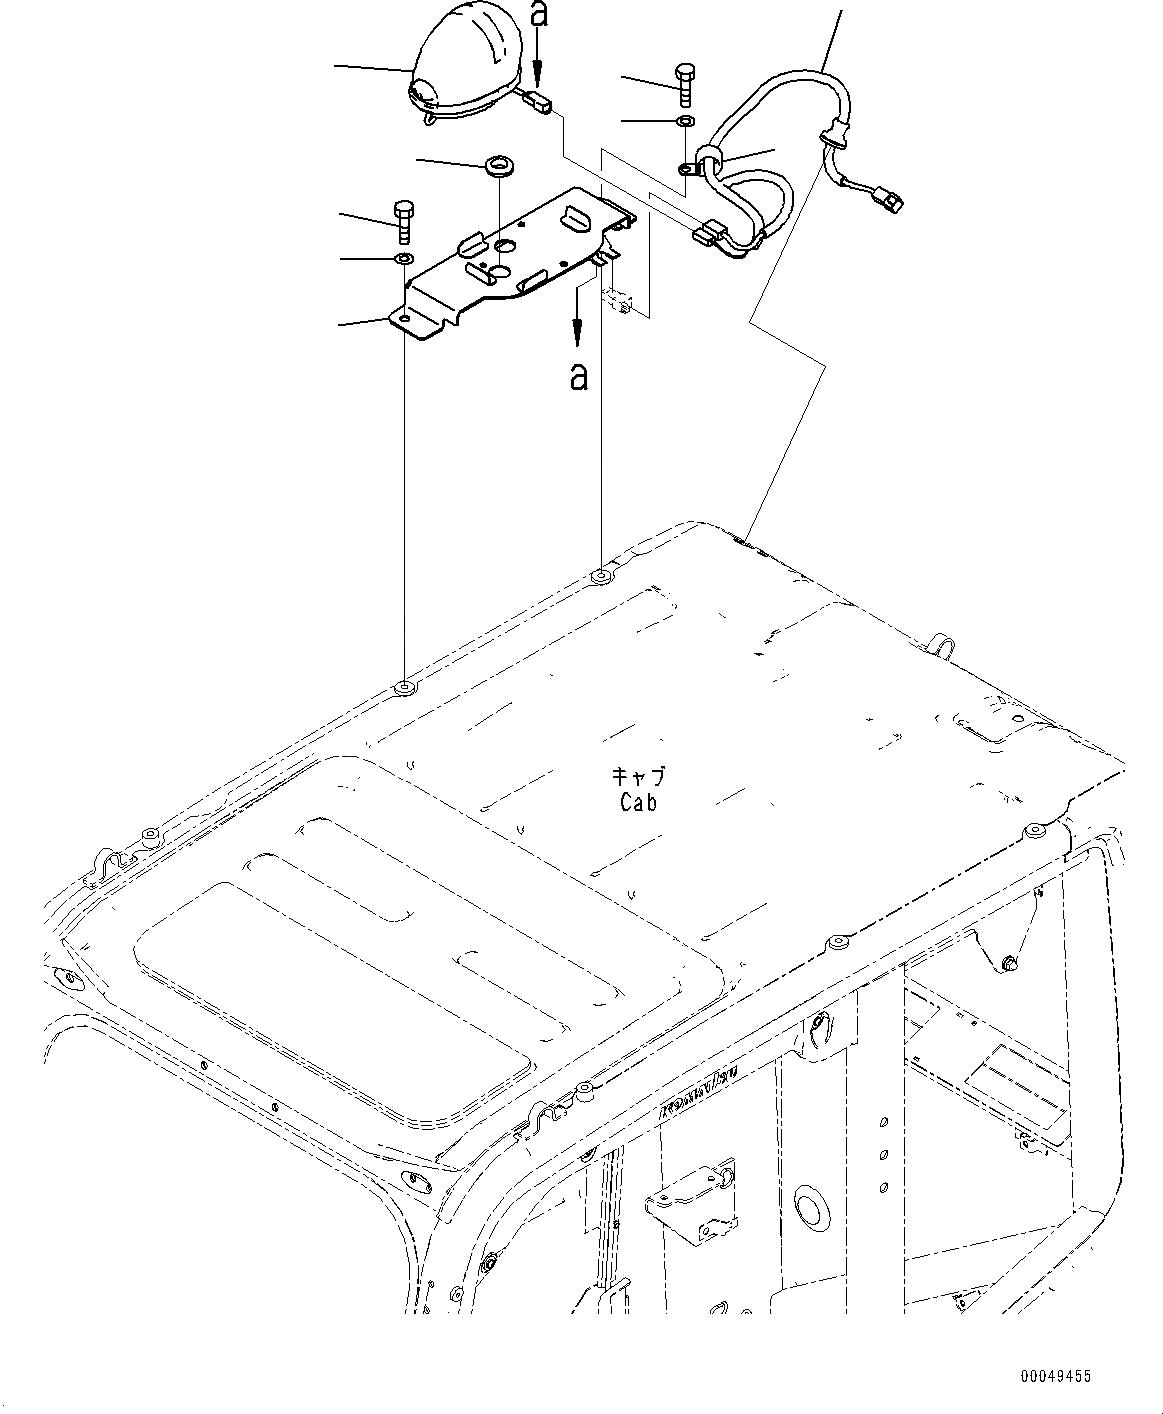 22B-54-17660 Komatsu ЛАМПА